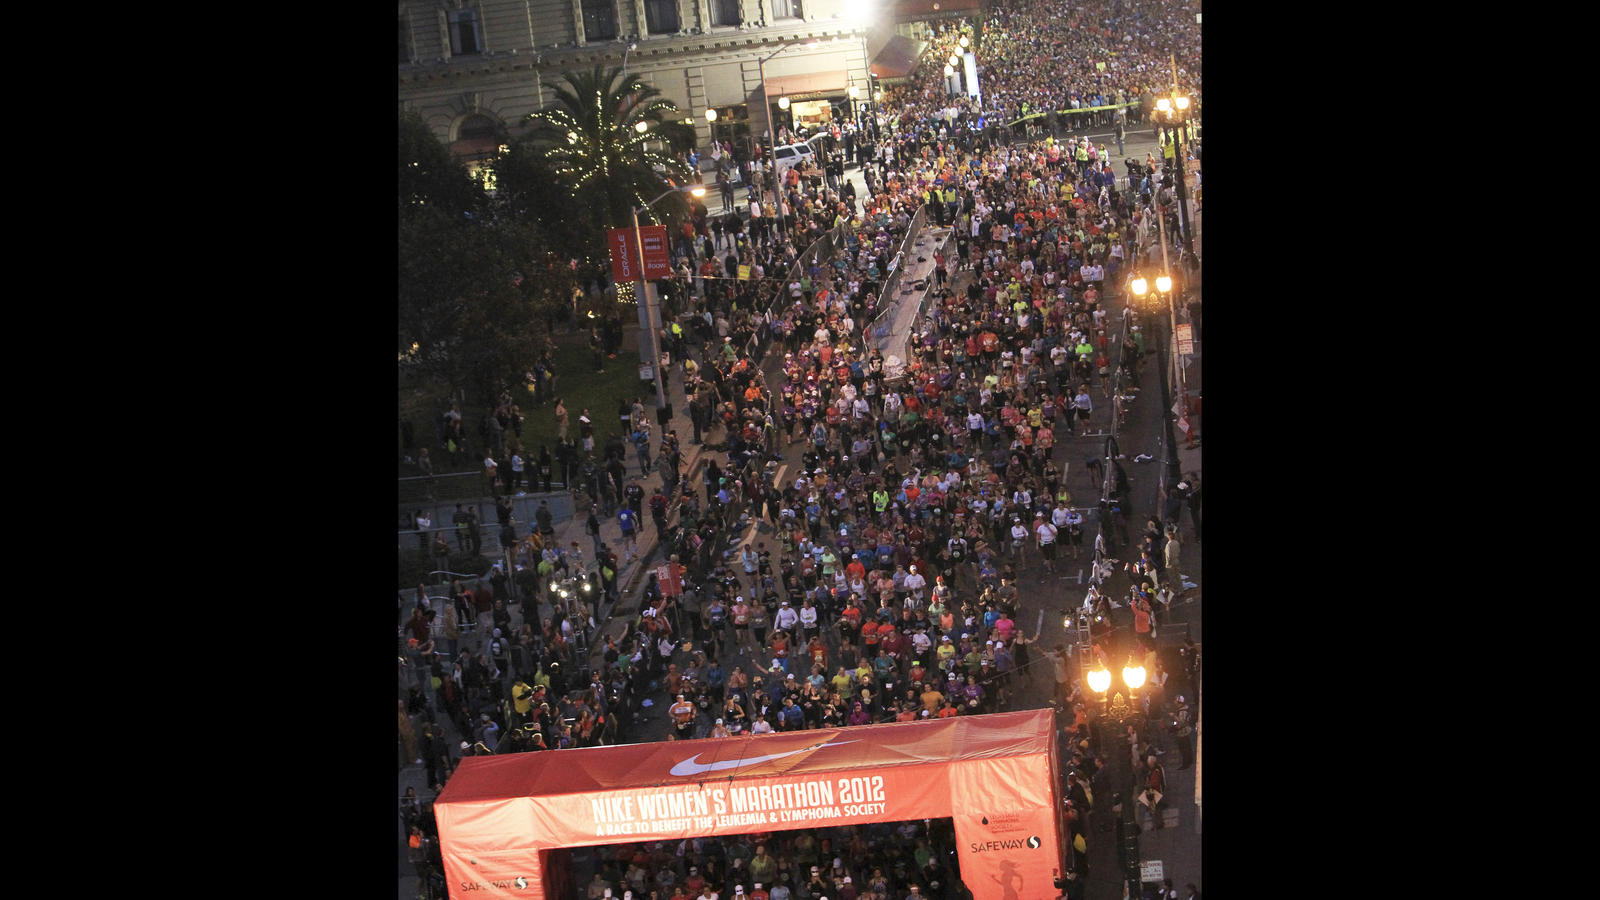 Nike Women's Marathon 2012